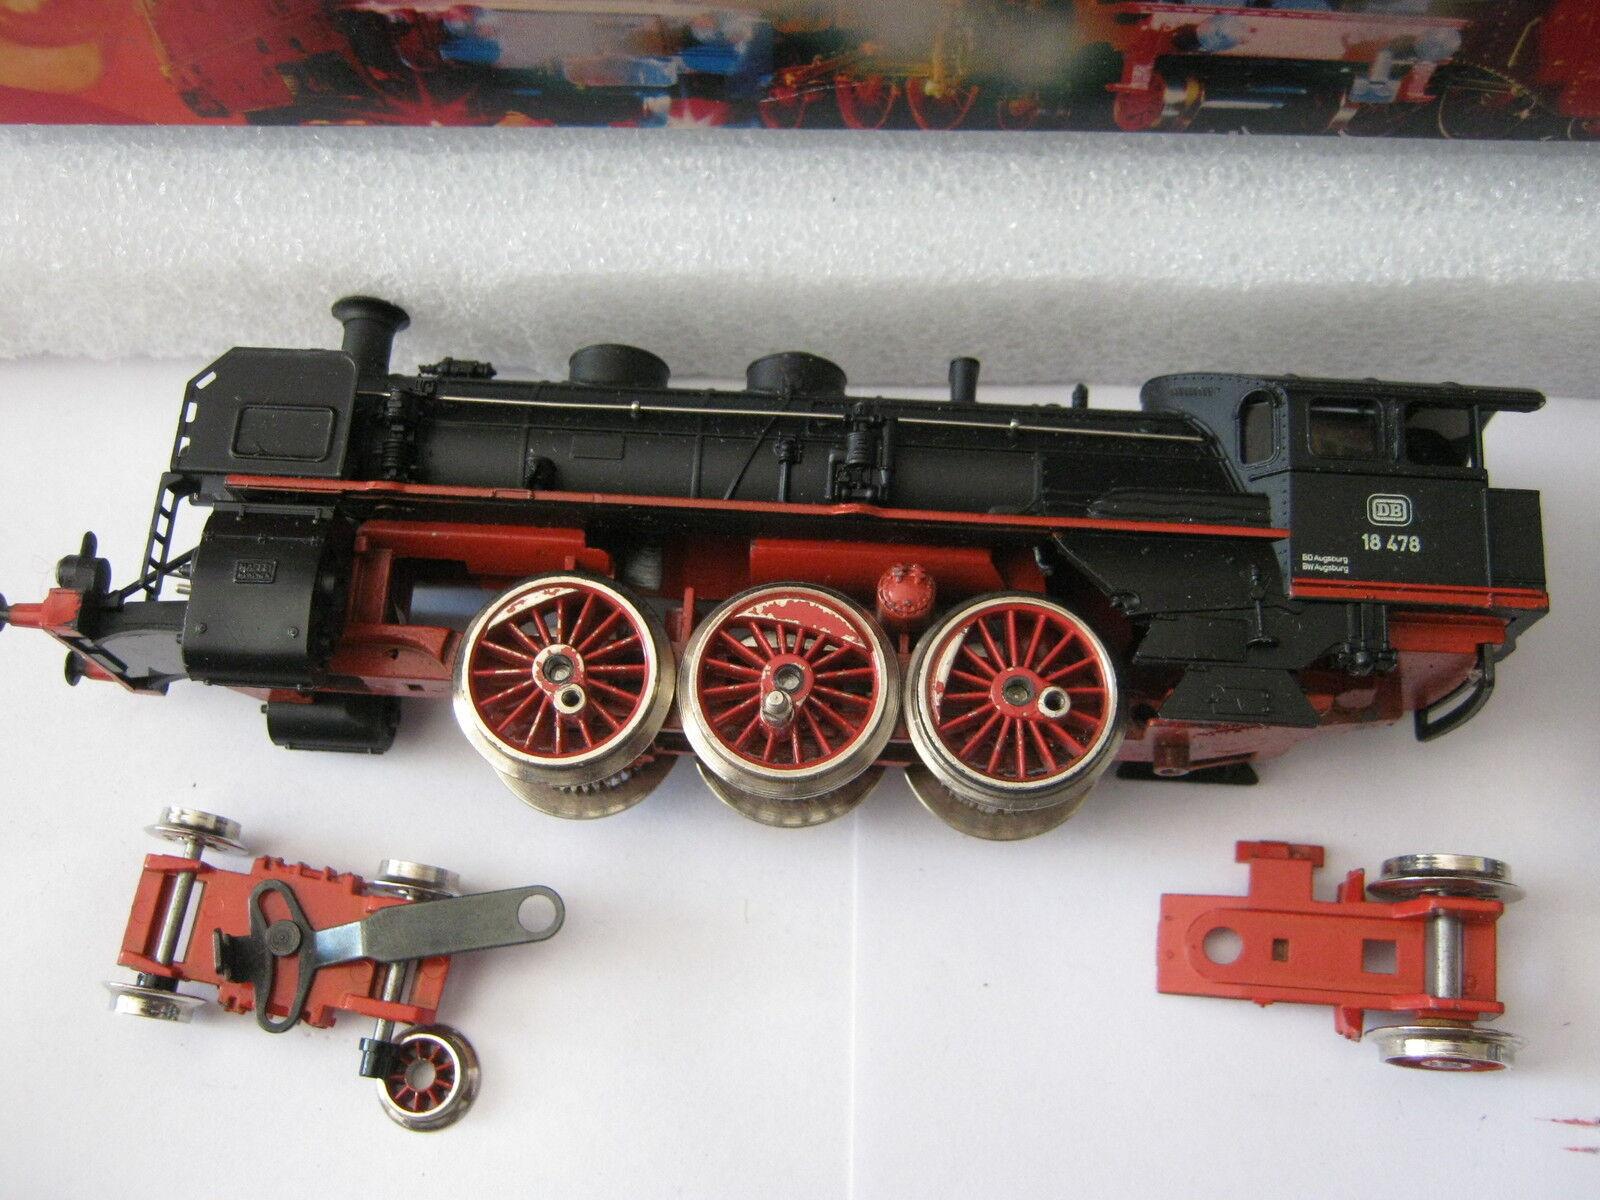 Märklin HO 3091 Dampf - Lok BR 18 478 DB (RG RJ 042-38S7 1)  | Roman